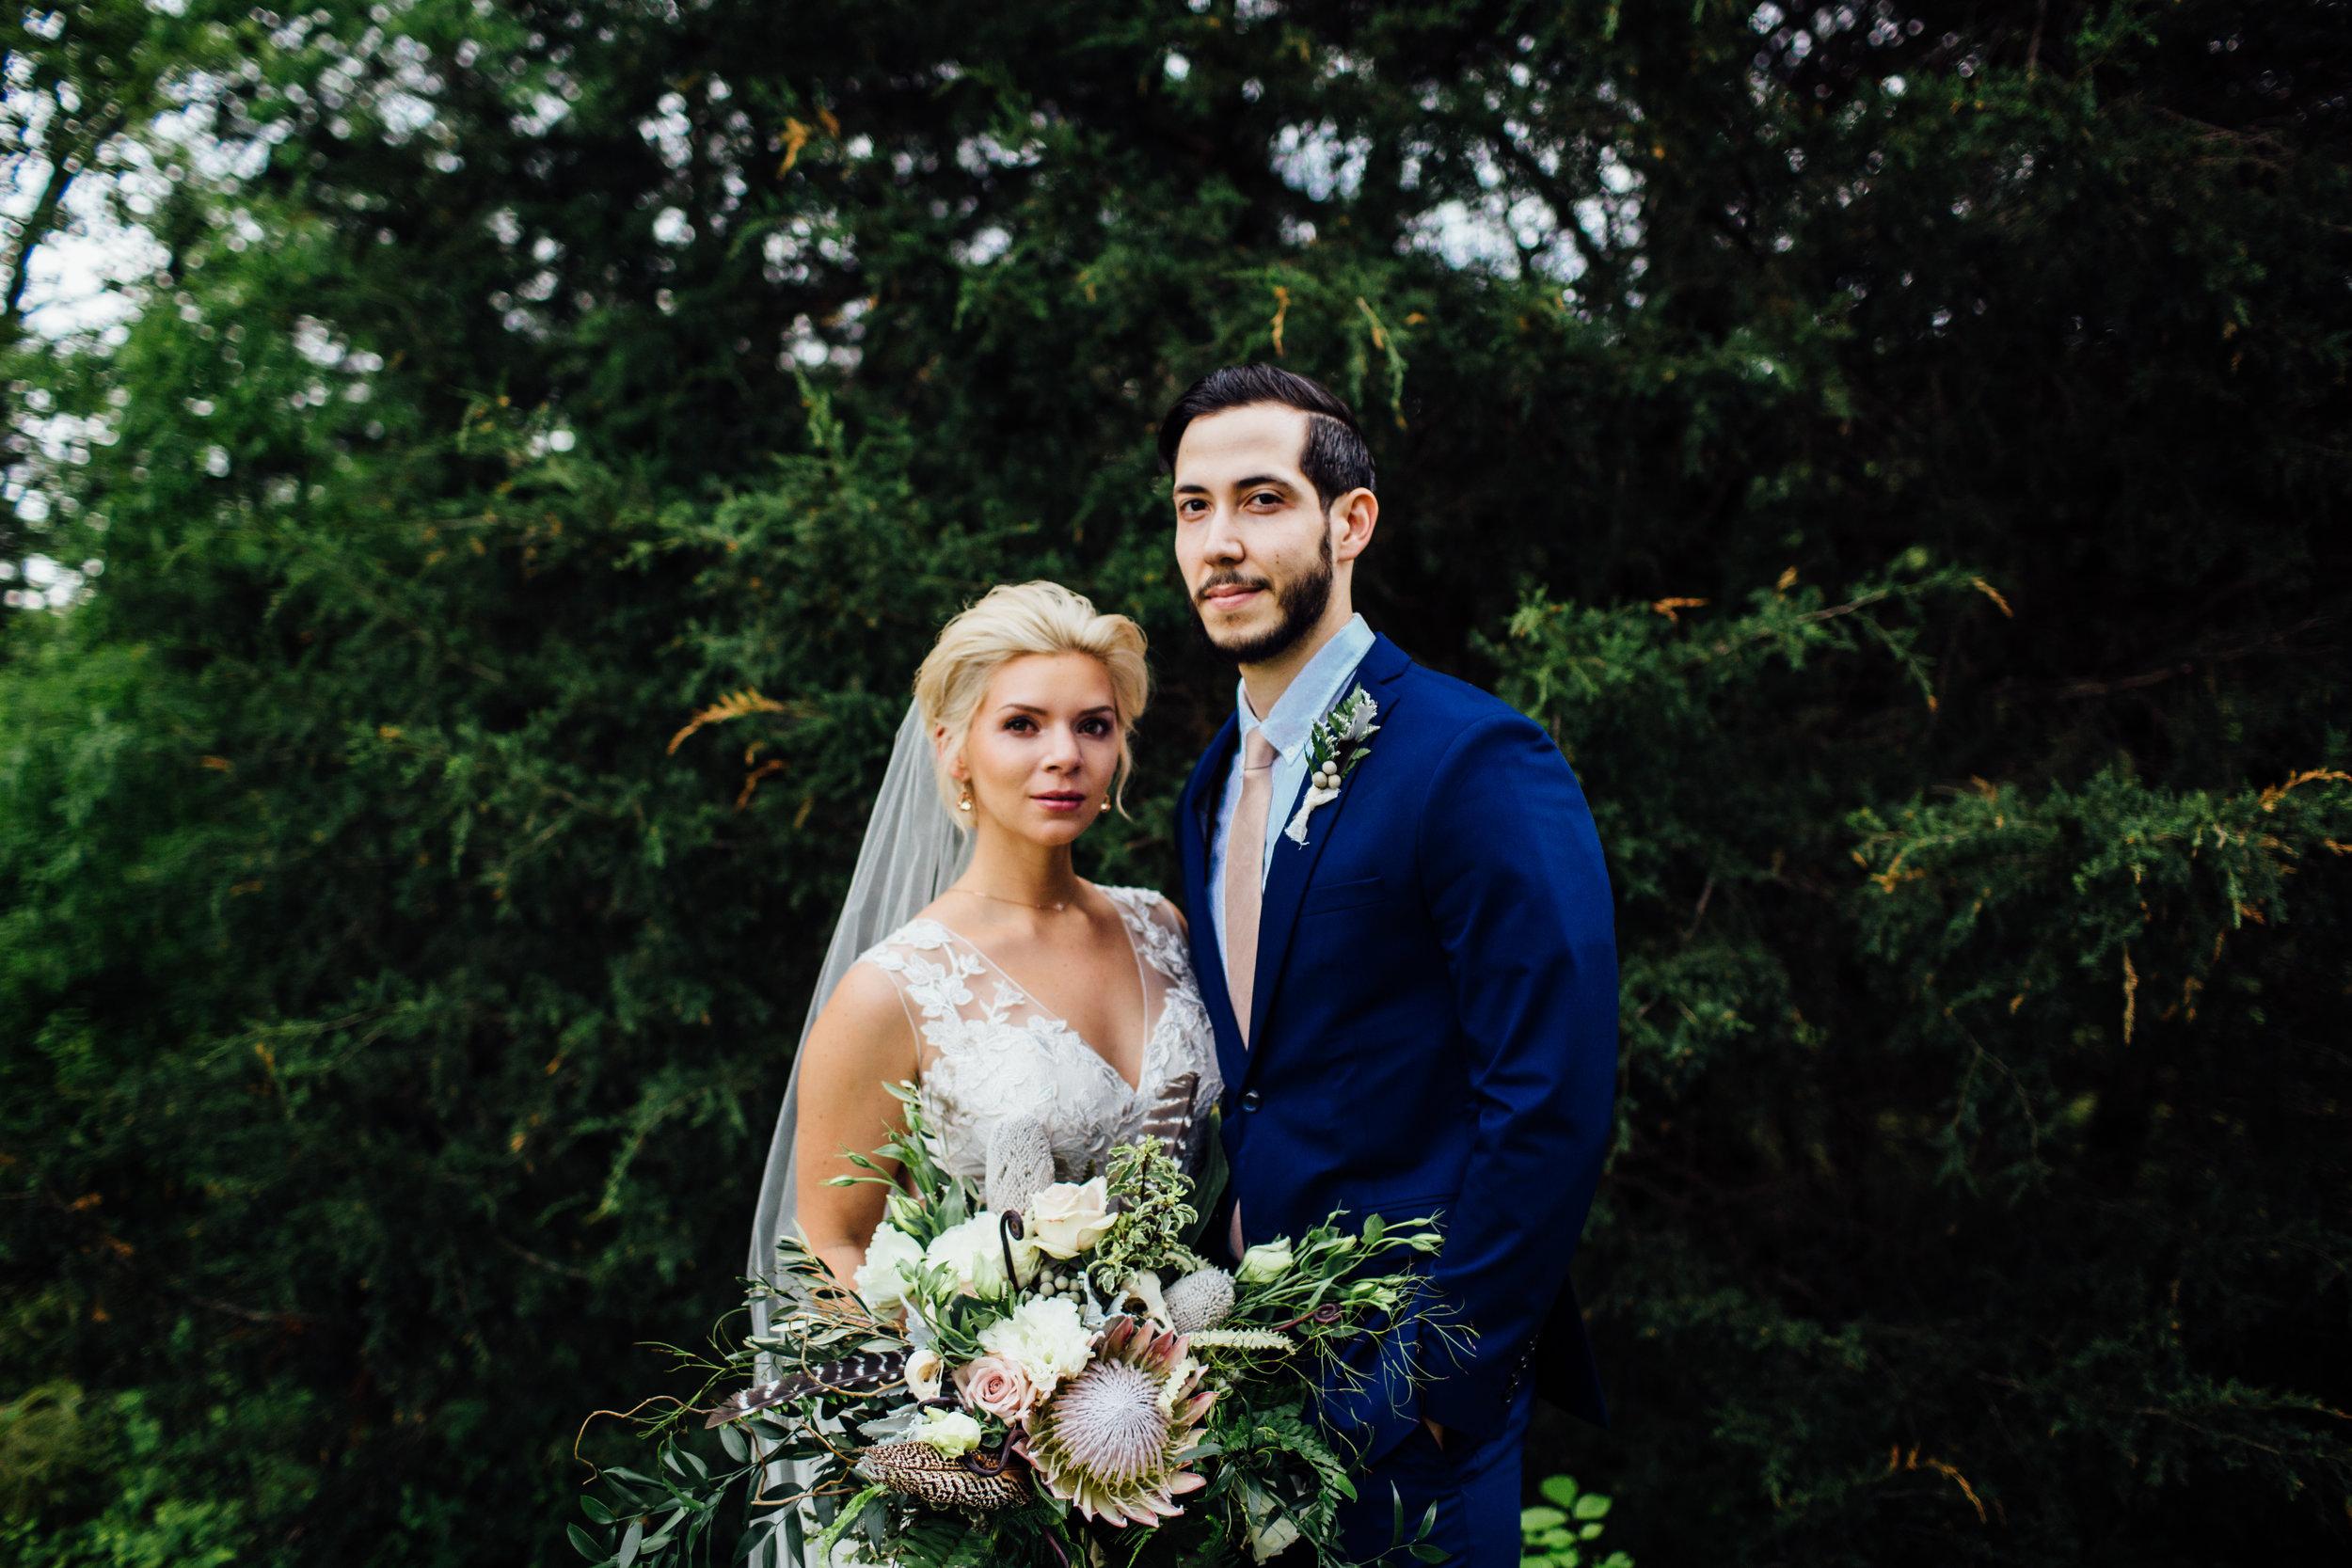 bride and groom fierce